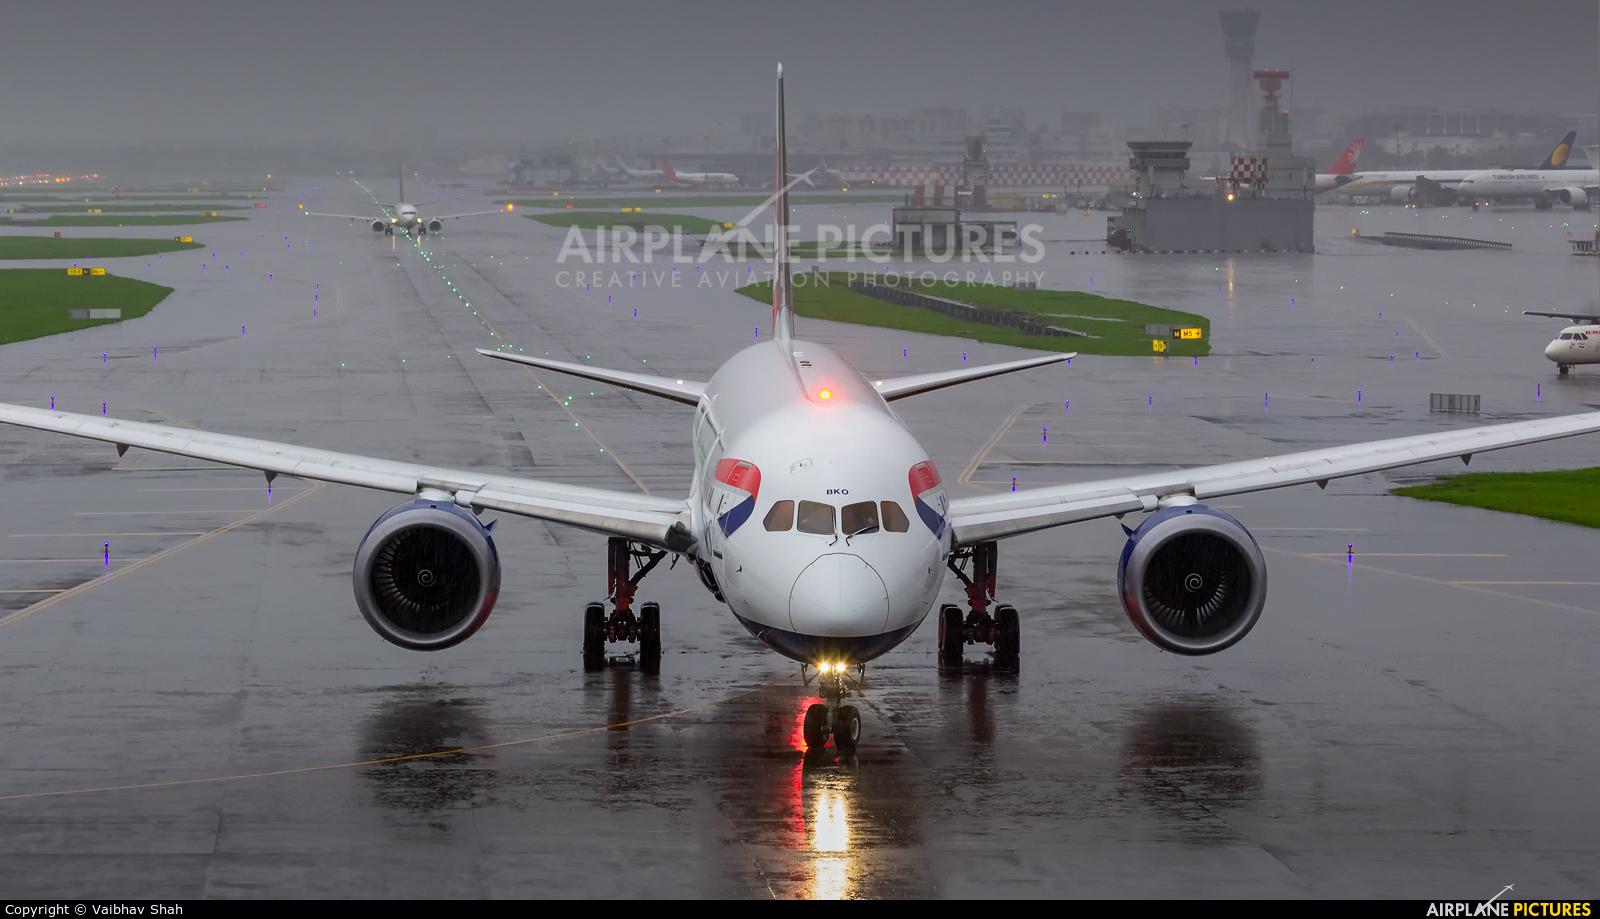 British Airways G-ZBKO aircraft at Mumbai - Chhatrapati Shivaji Intl